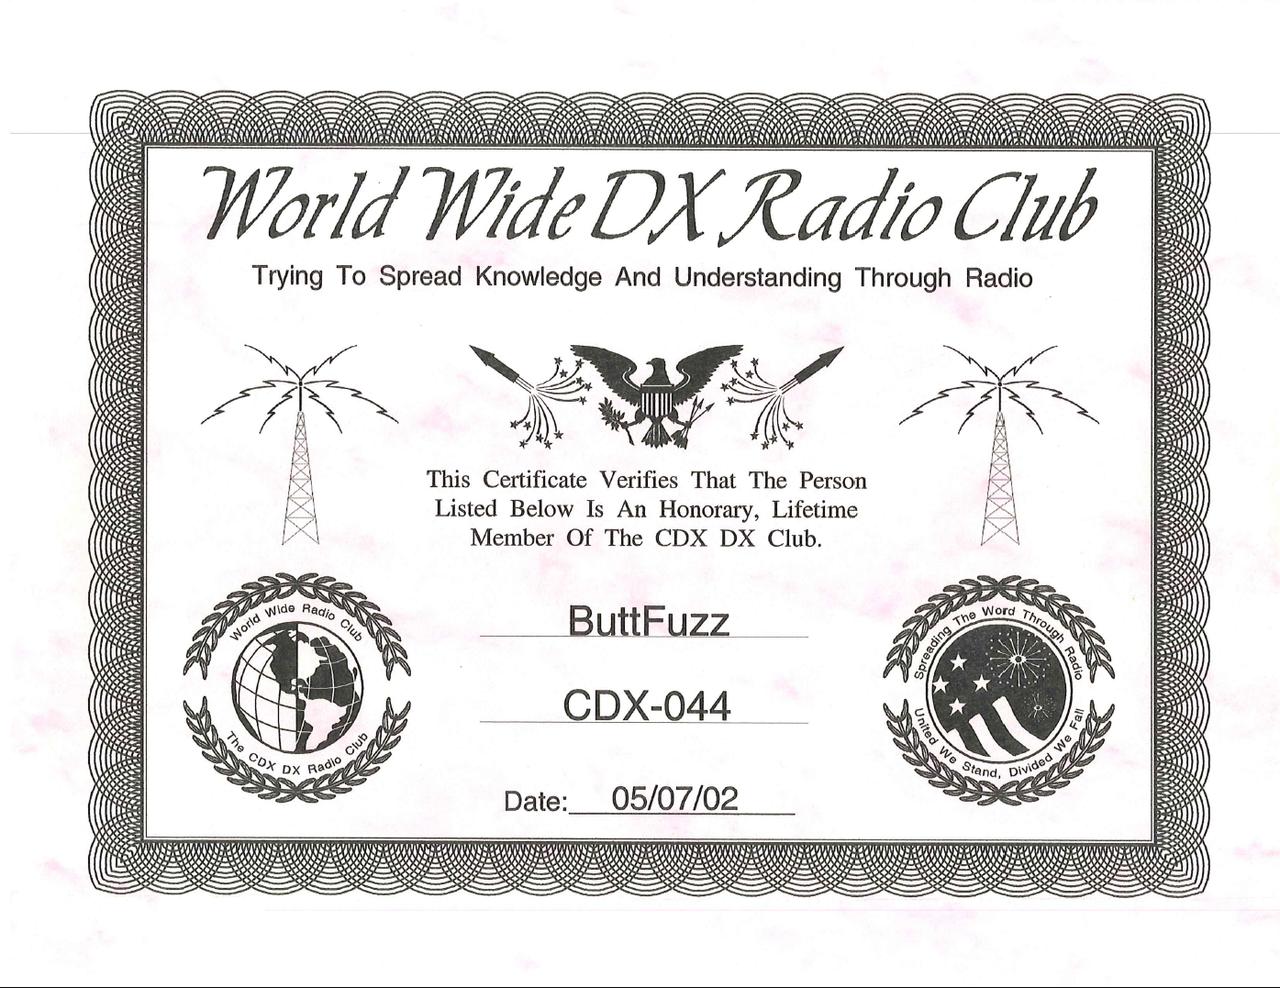 2002-05-07 WWDX CDX-044